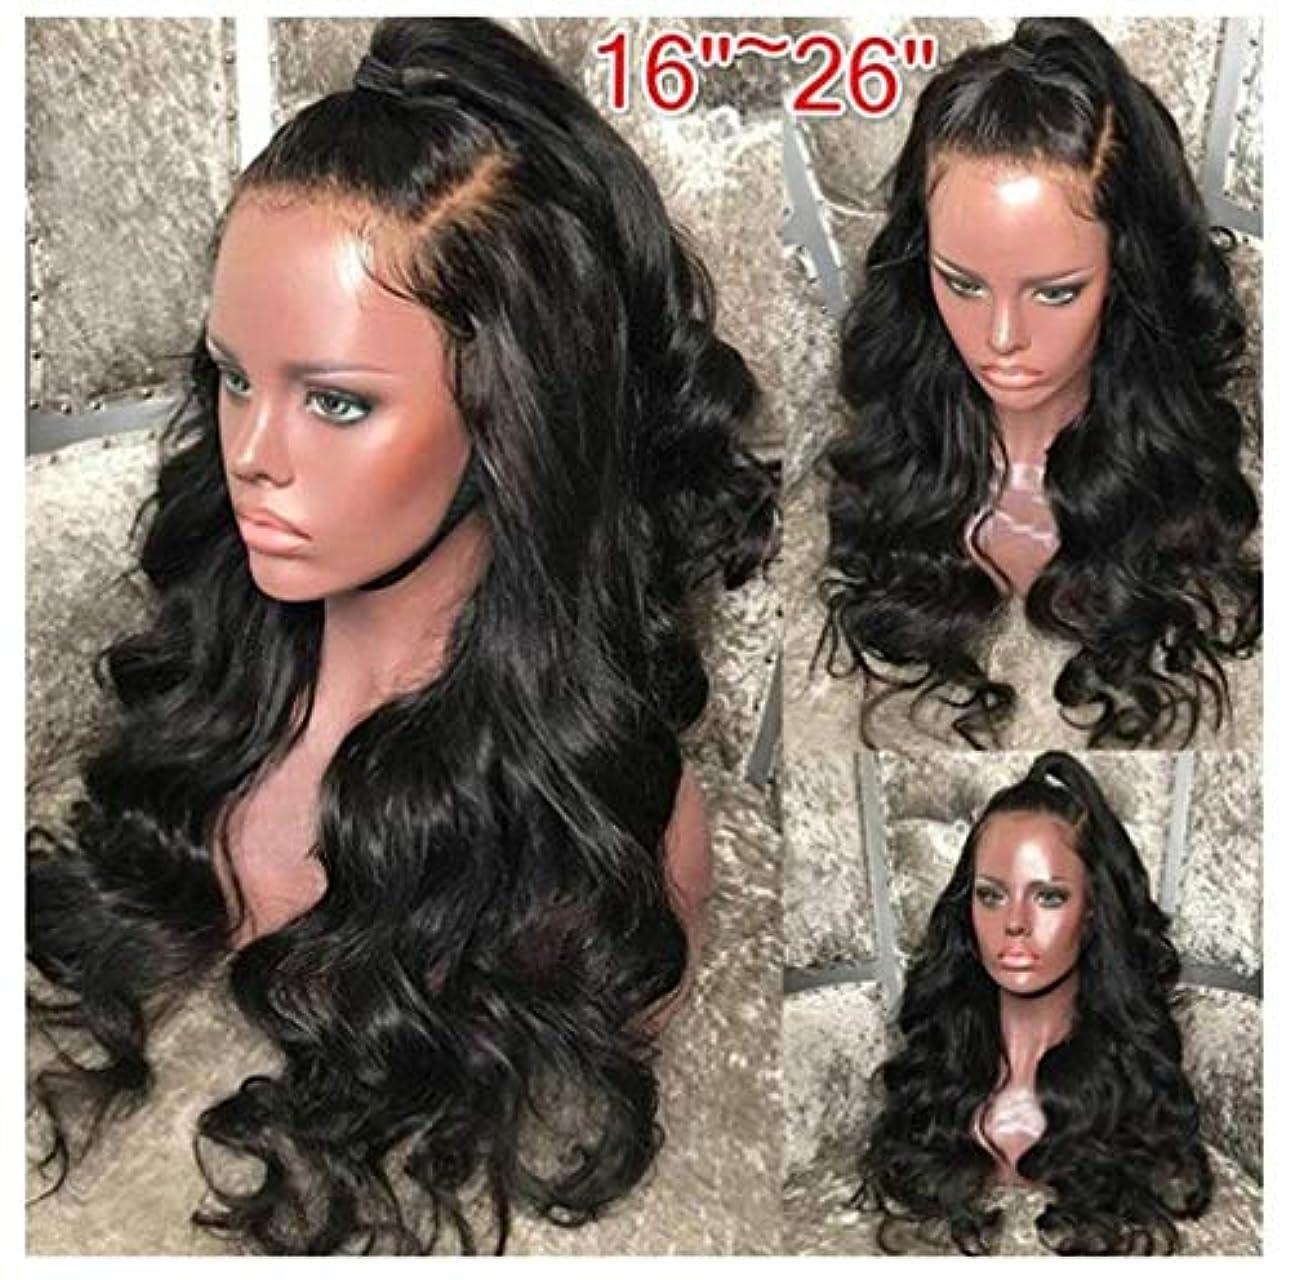 資料トレード女性かつらヘアレースフロントグルーレスショートボブ人工毛ウィッグ波状わずかにベビーヘア150%密度